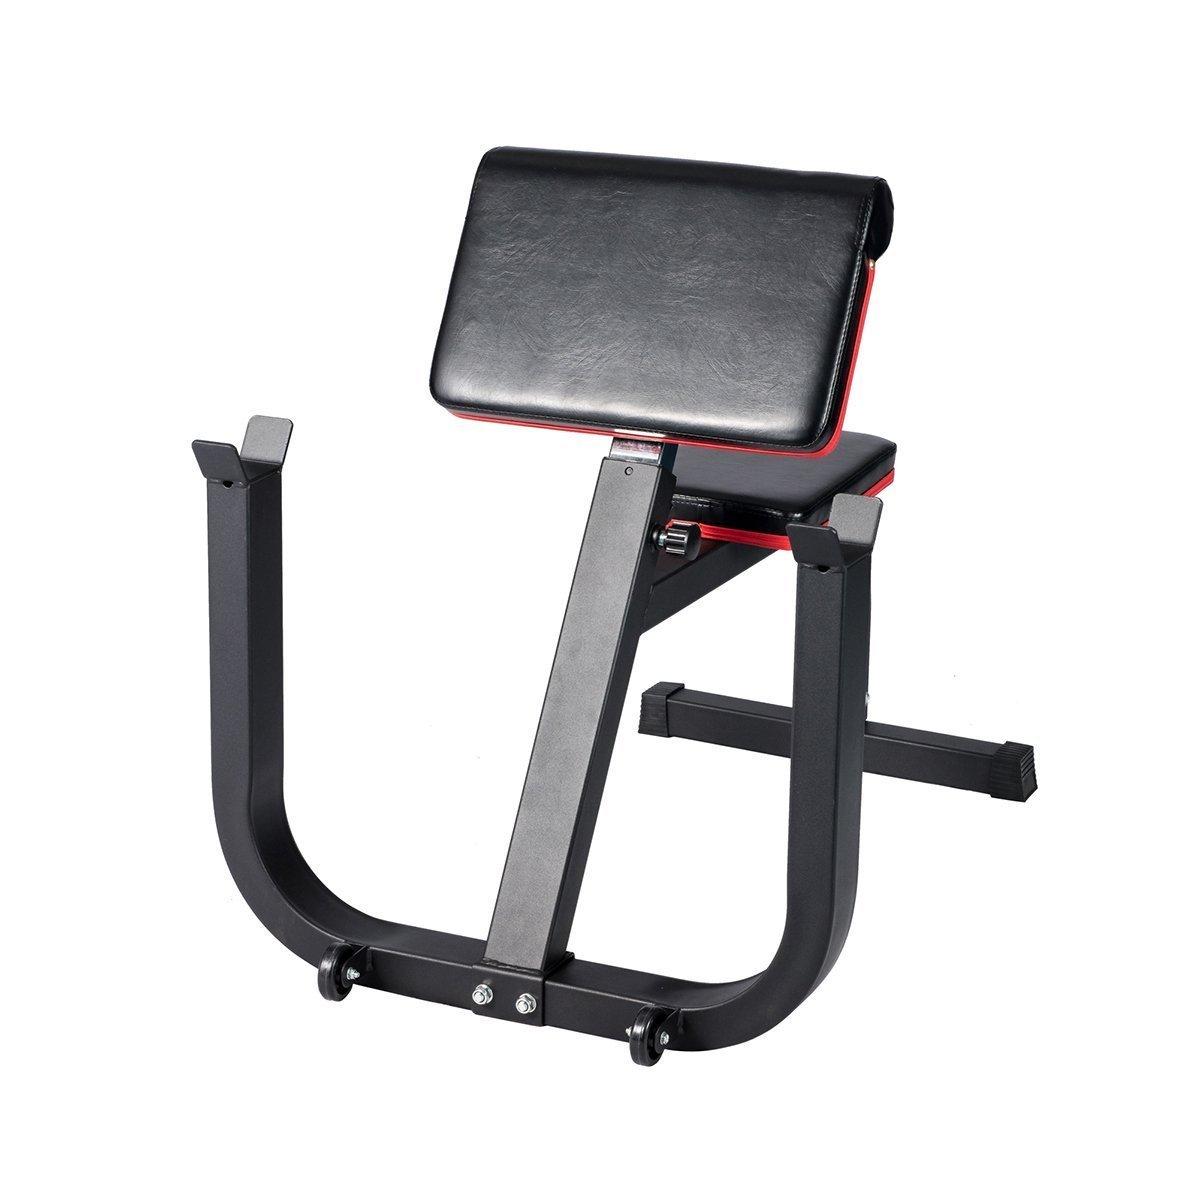 エンジョイ説教者カールベンチアーム練習強度電源重量トレーニングベンチ   B0777KR8XT